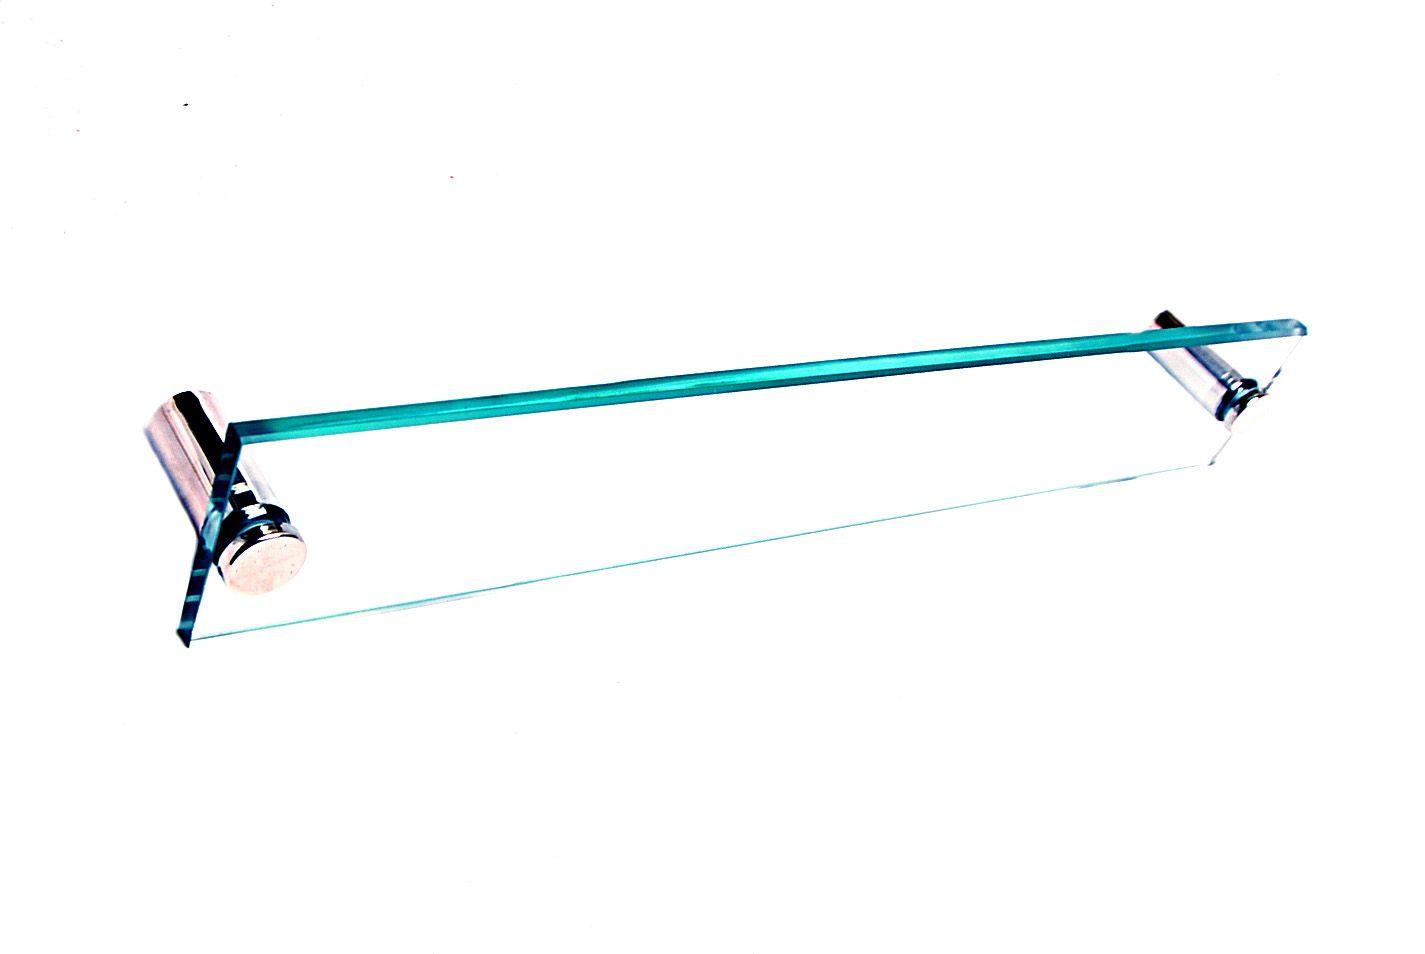 Toalheiro em Vidro Incolor Temperado - Aquabox  - 40cmx7cmx10mm